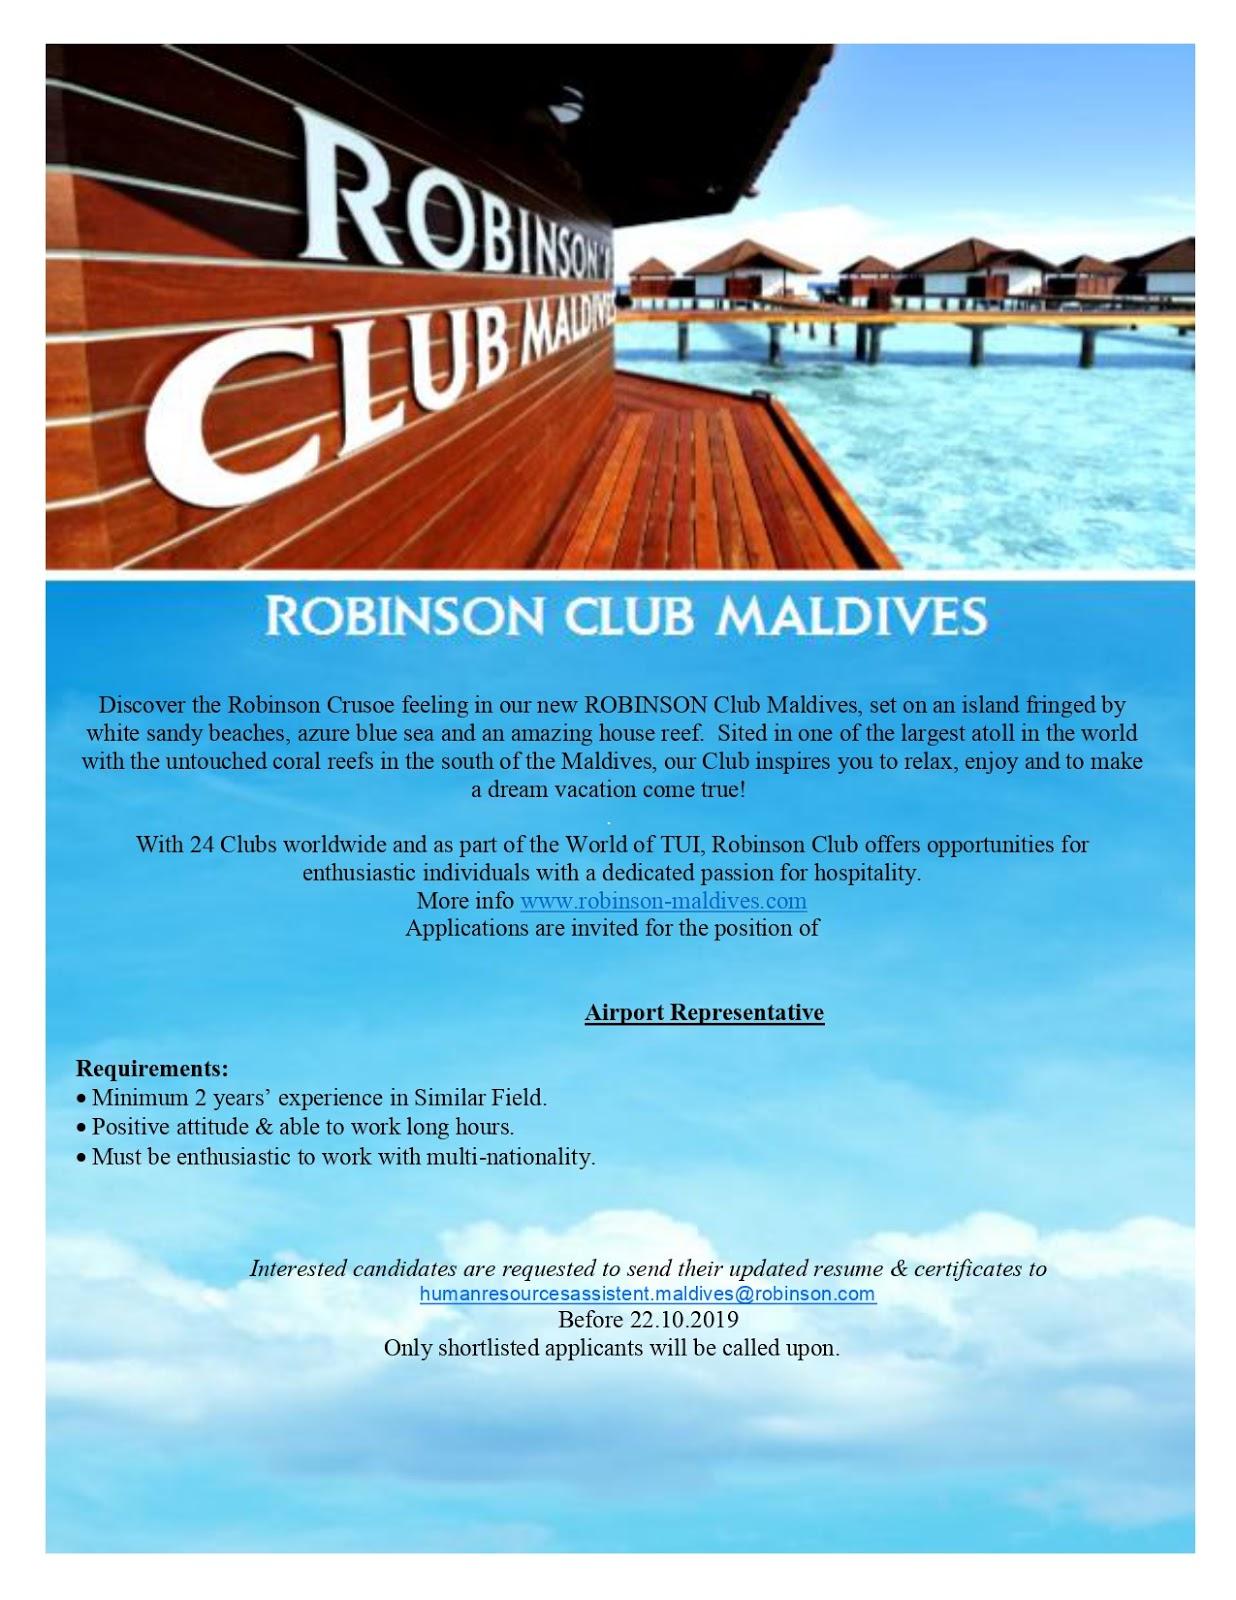 Job Maldives Airport Representative Job Vacancy At Robinson